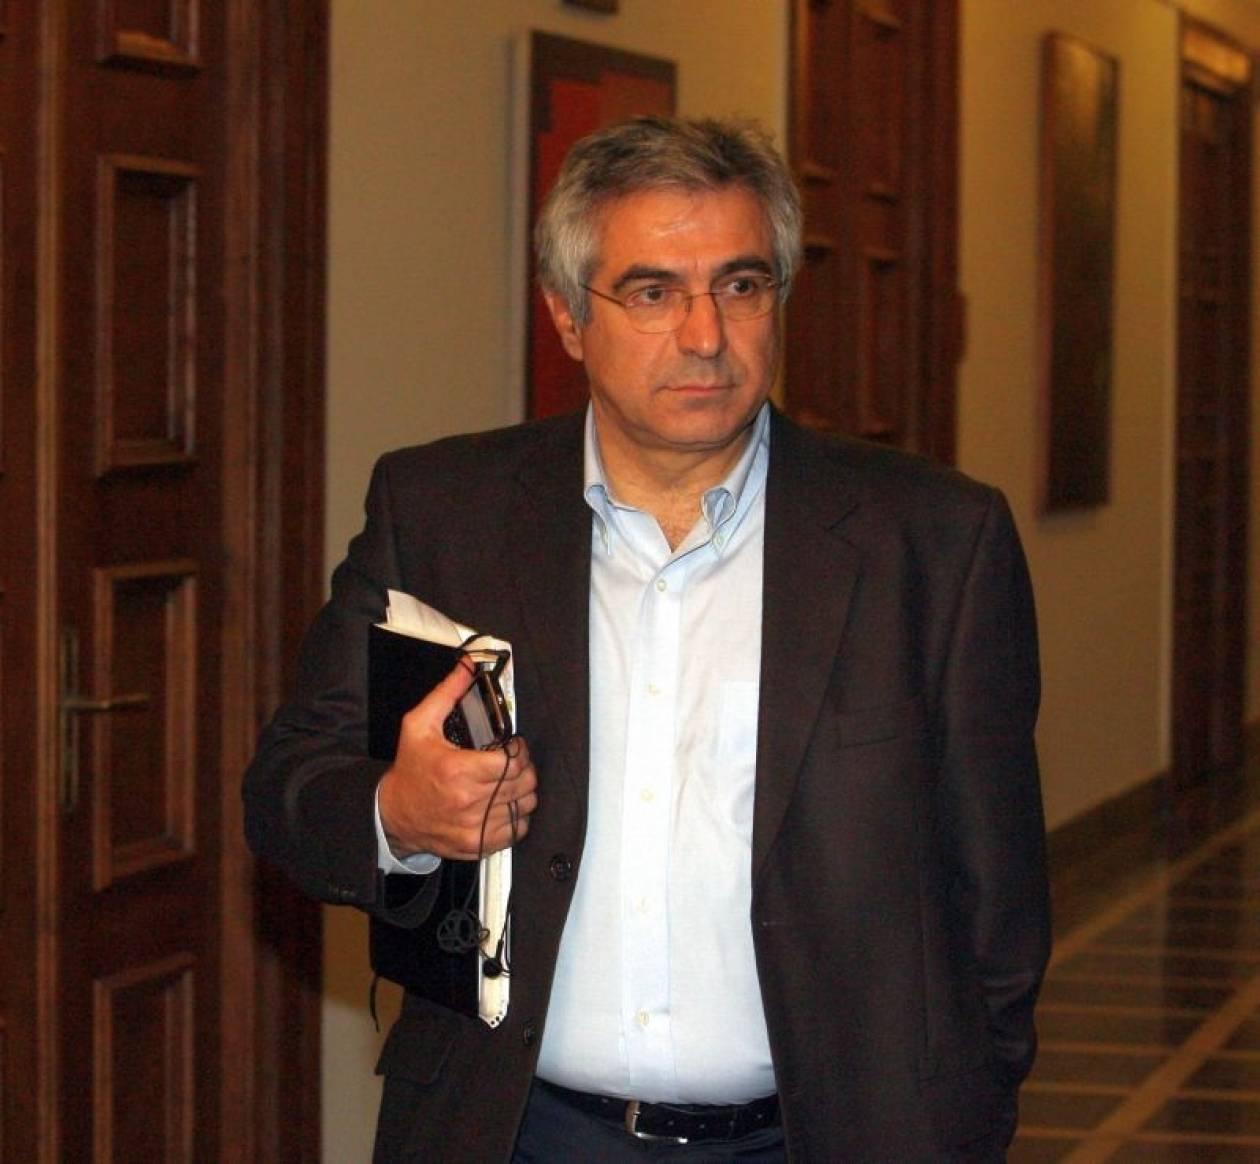 Μ.Καρχιμάκης: Σε σύγχυση ο Σαμαράς